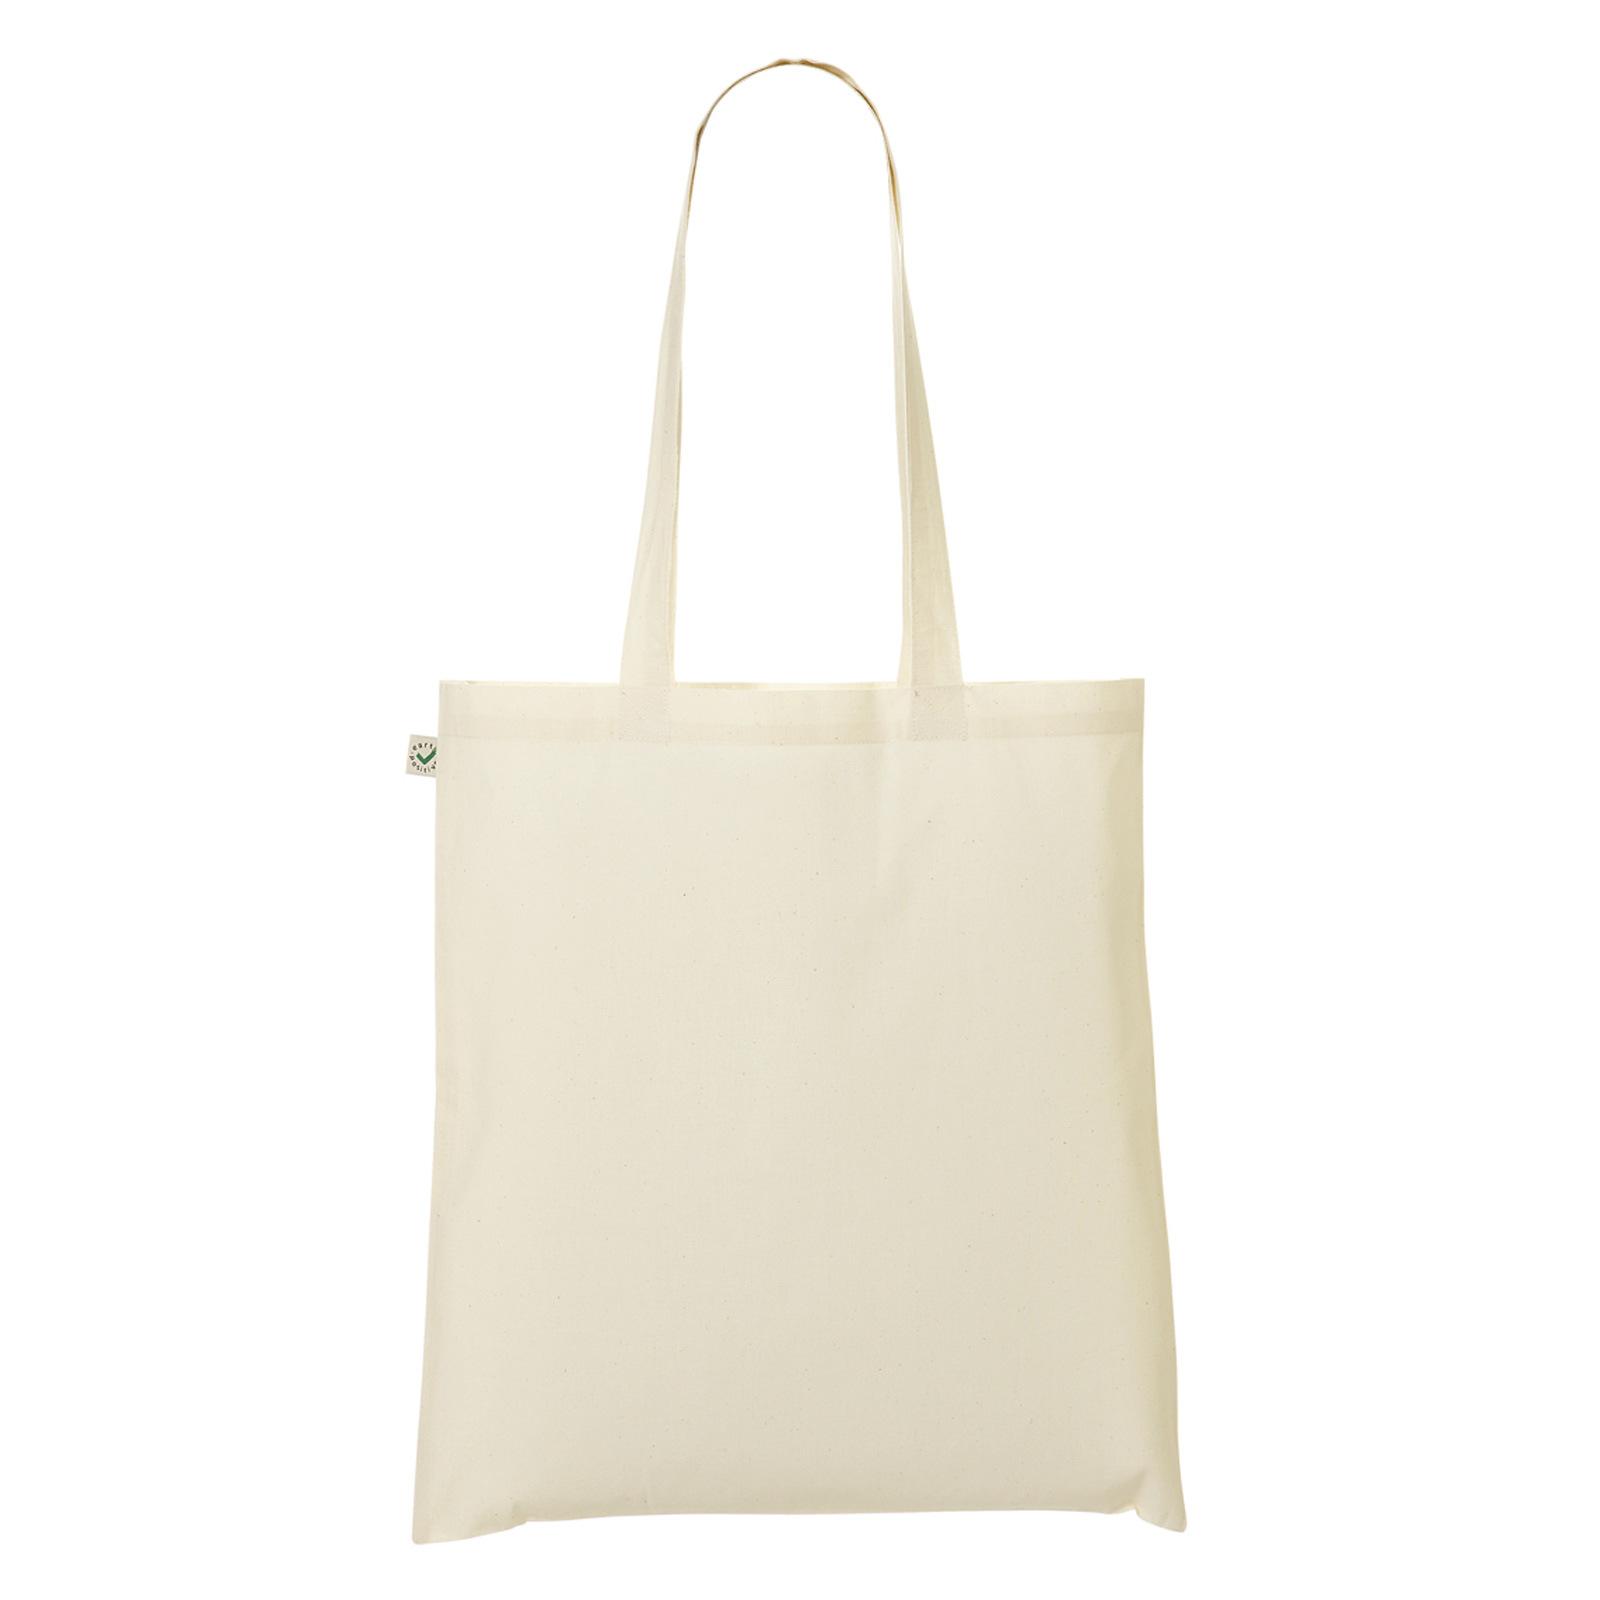 Comfortable and Reusable Cotton Tote Bag